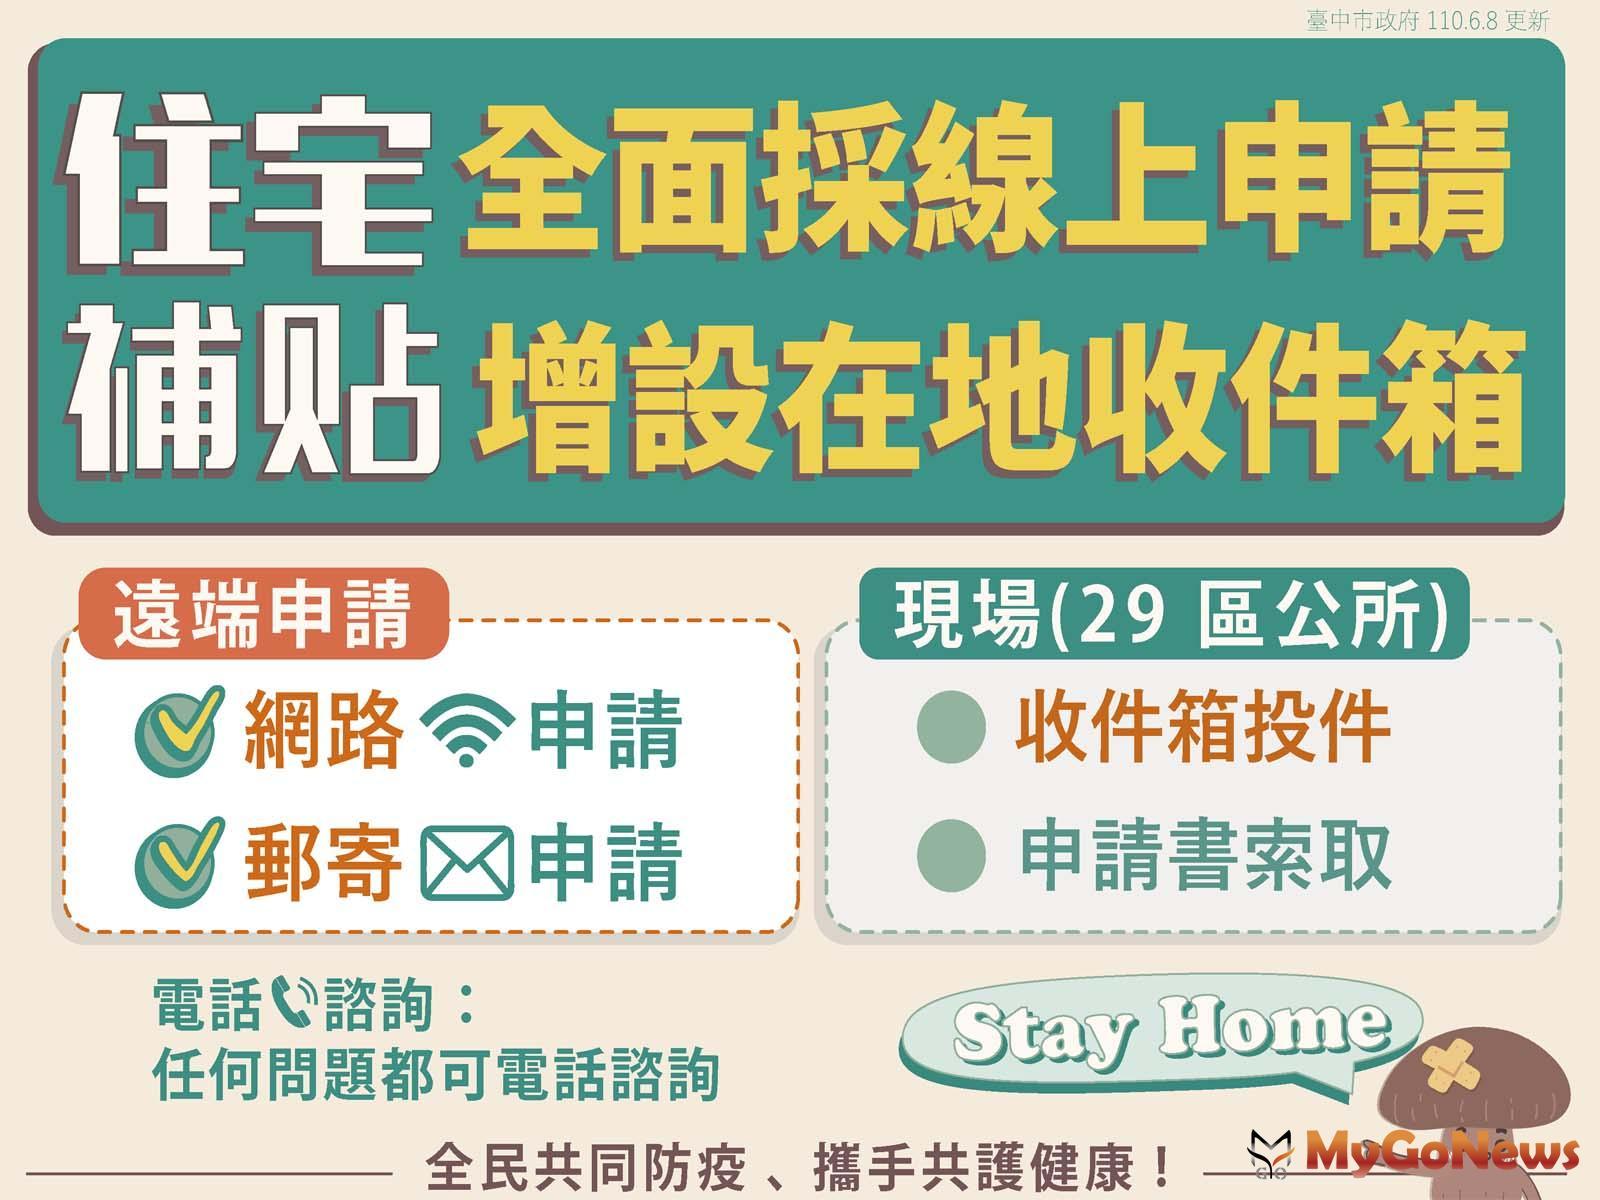 配合防疫 中市住宅補貼提供線上申請並加設收件箱(圖/台中市政府) MyGoNews房地產新聞 區域情報